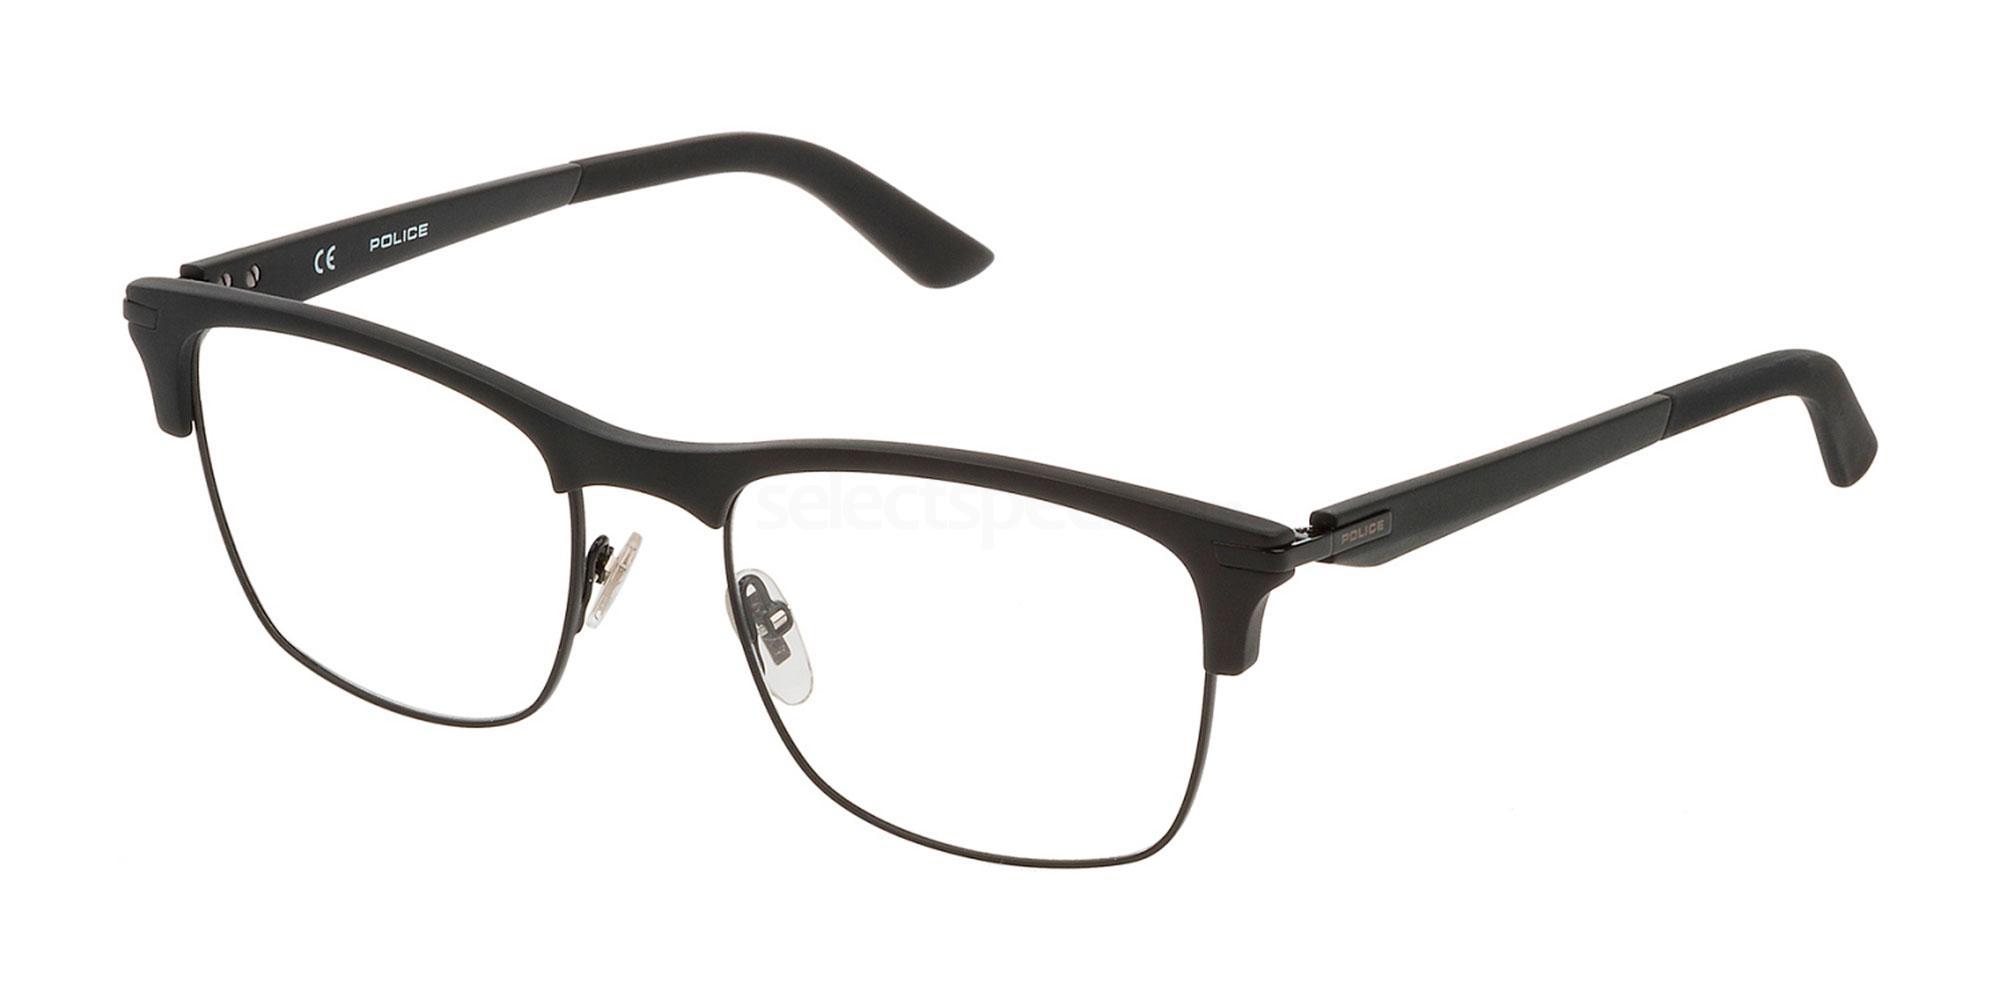 0531 VPL701 Glasses, Police